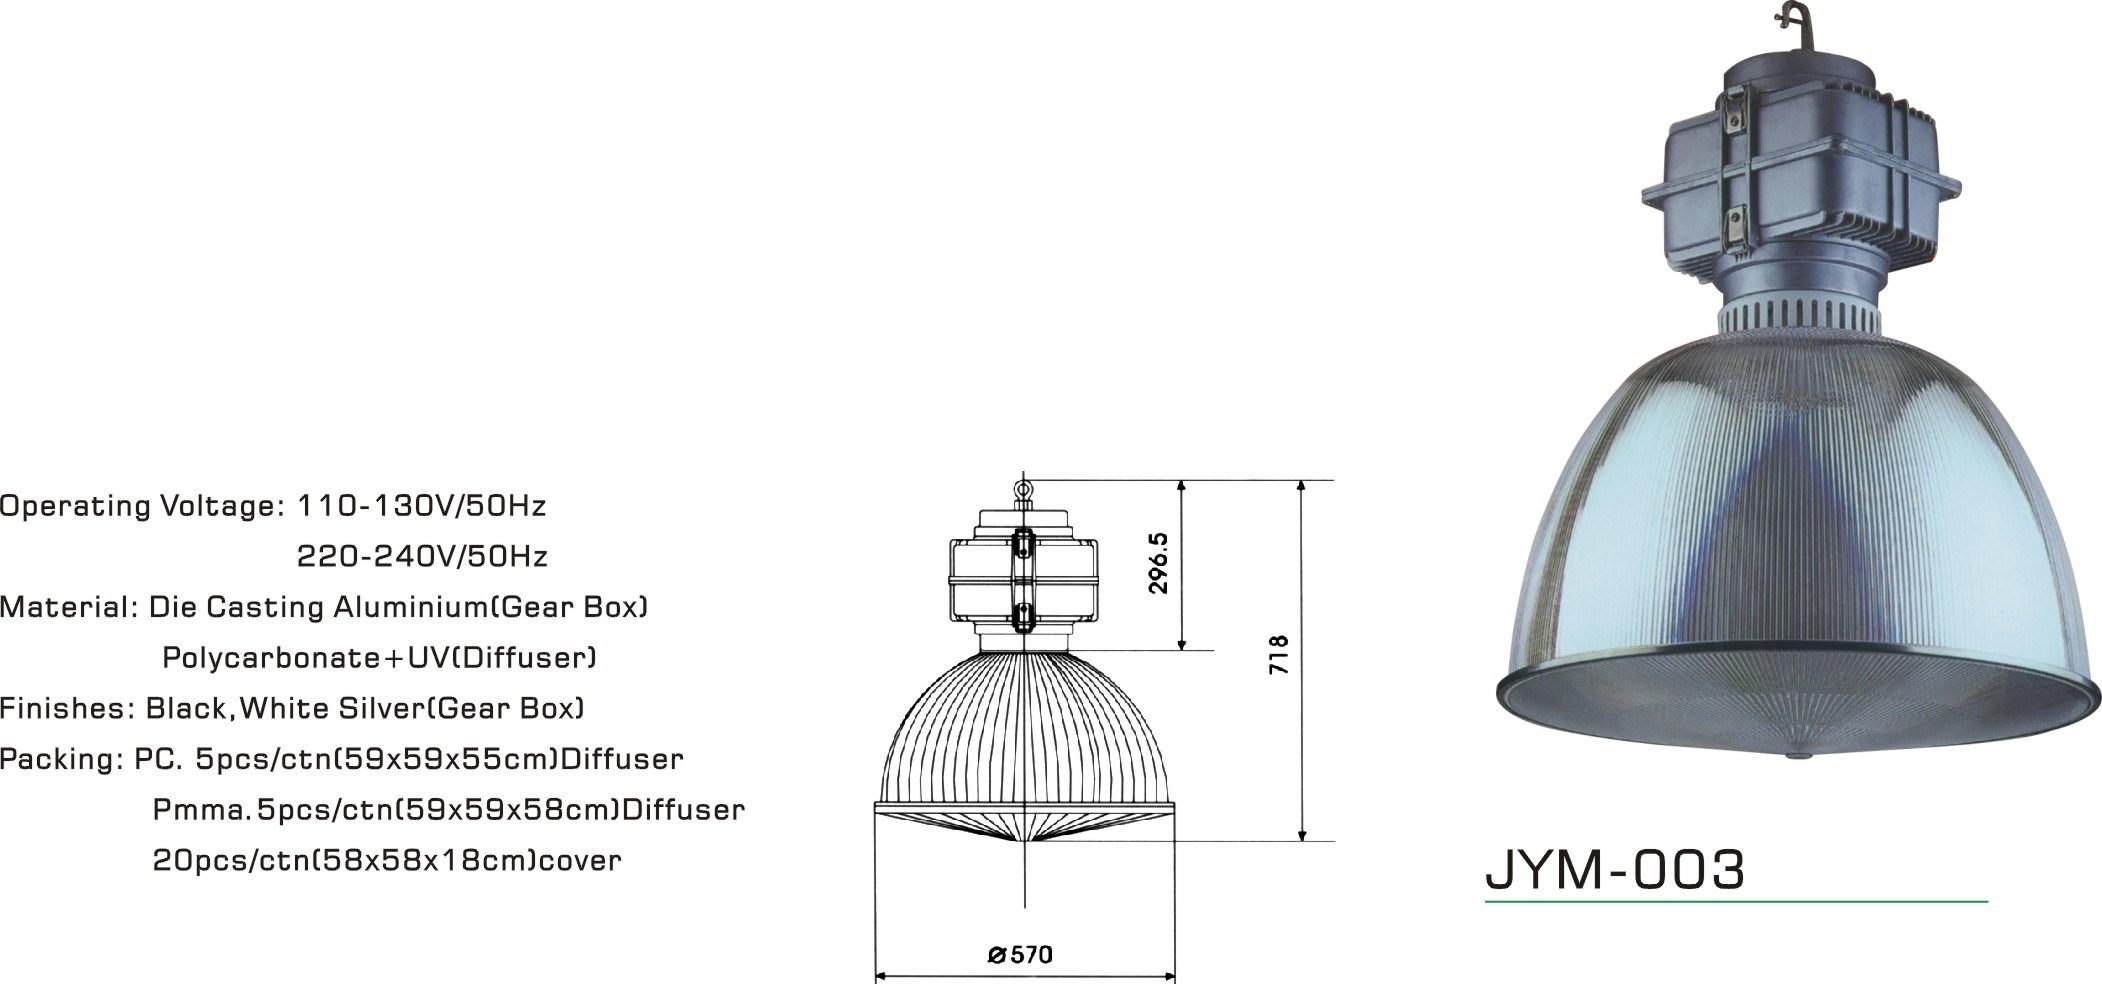 200 Watt Metal Halide Fixture